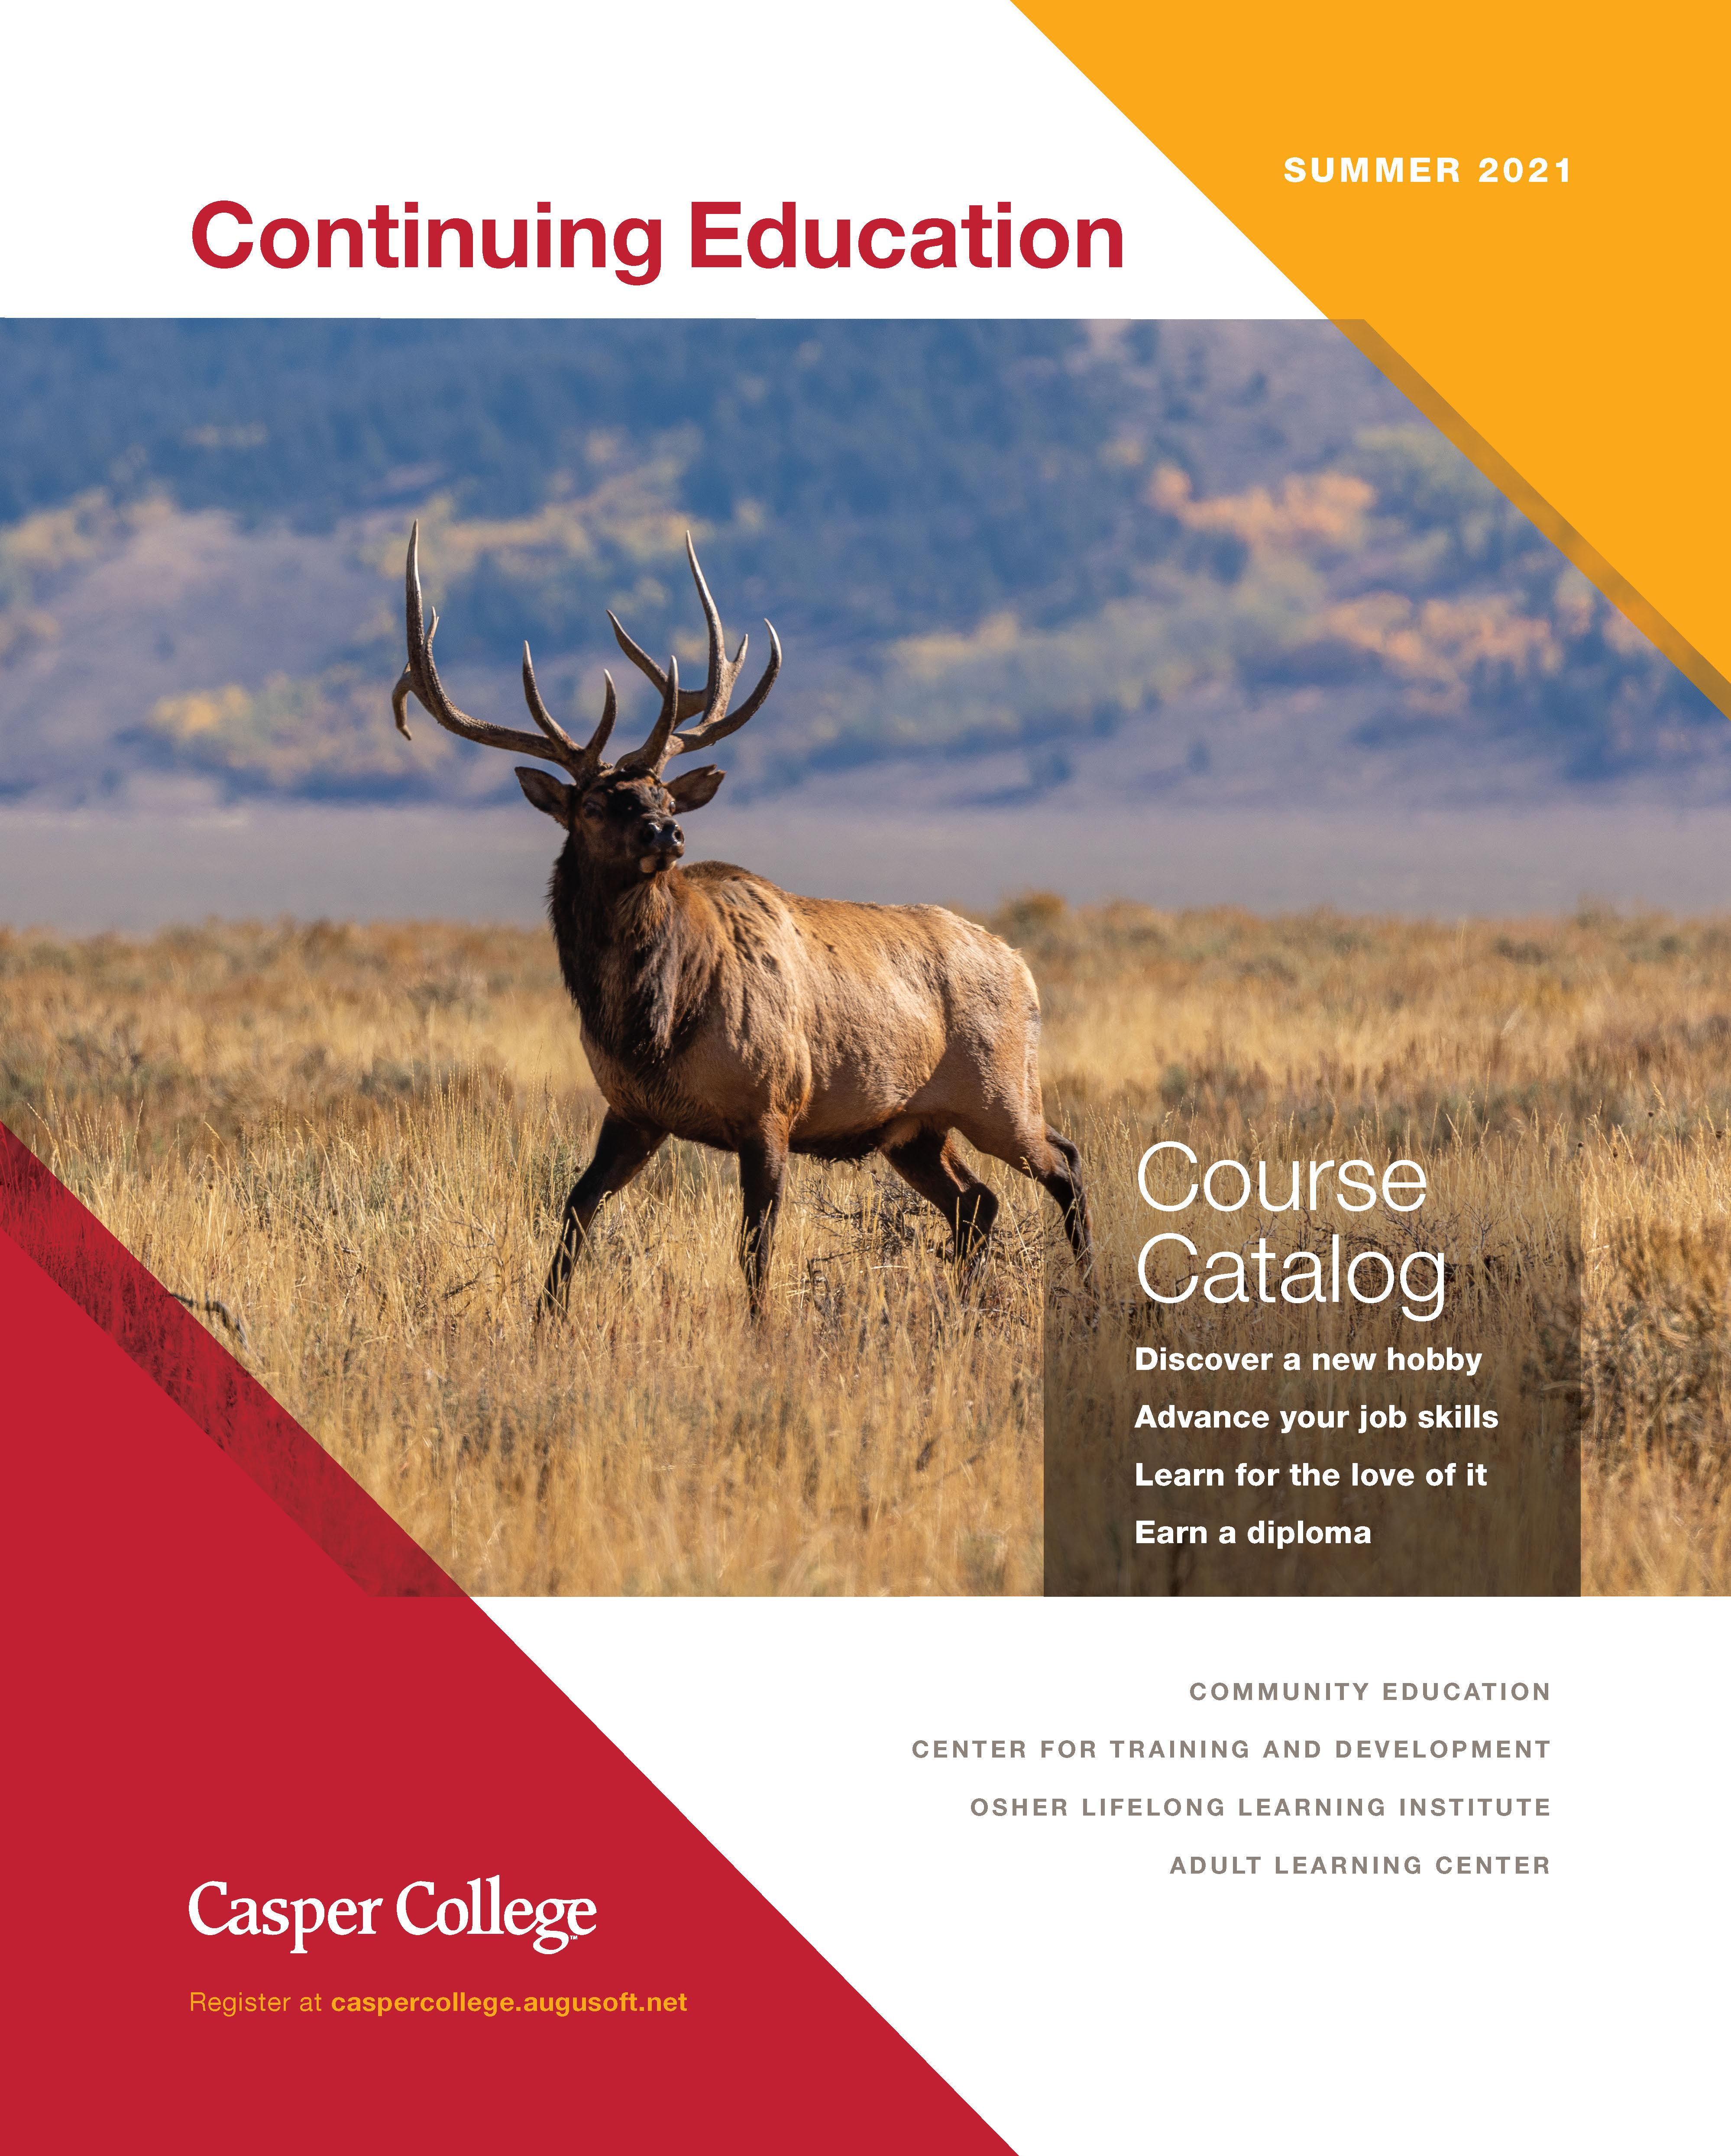 Summer 2021 catalog, Elk in field